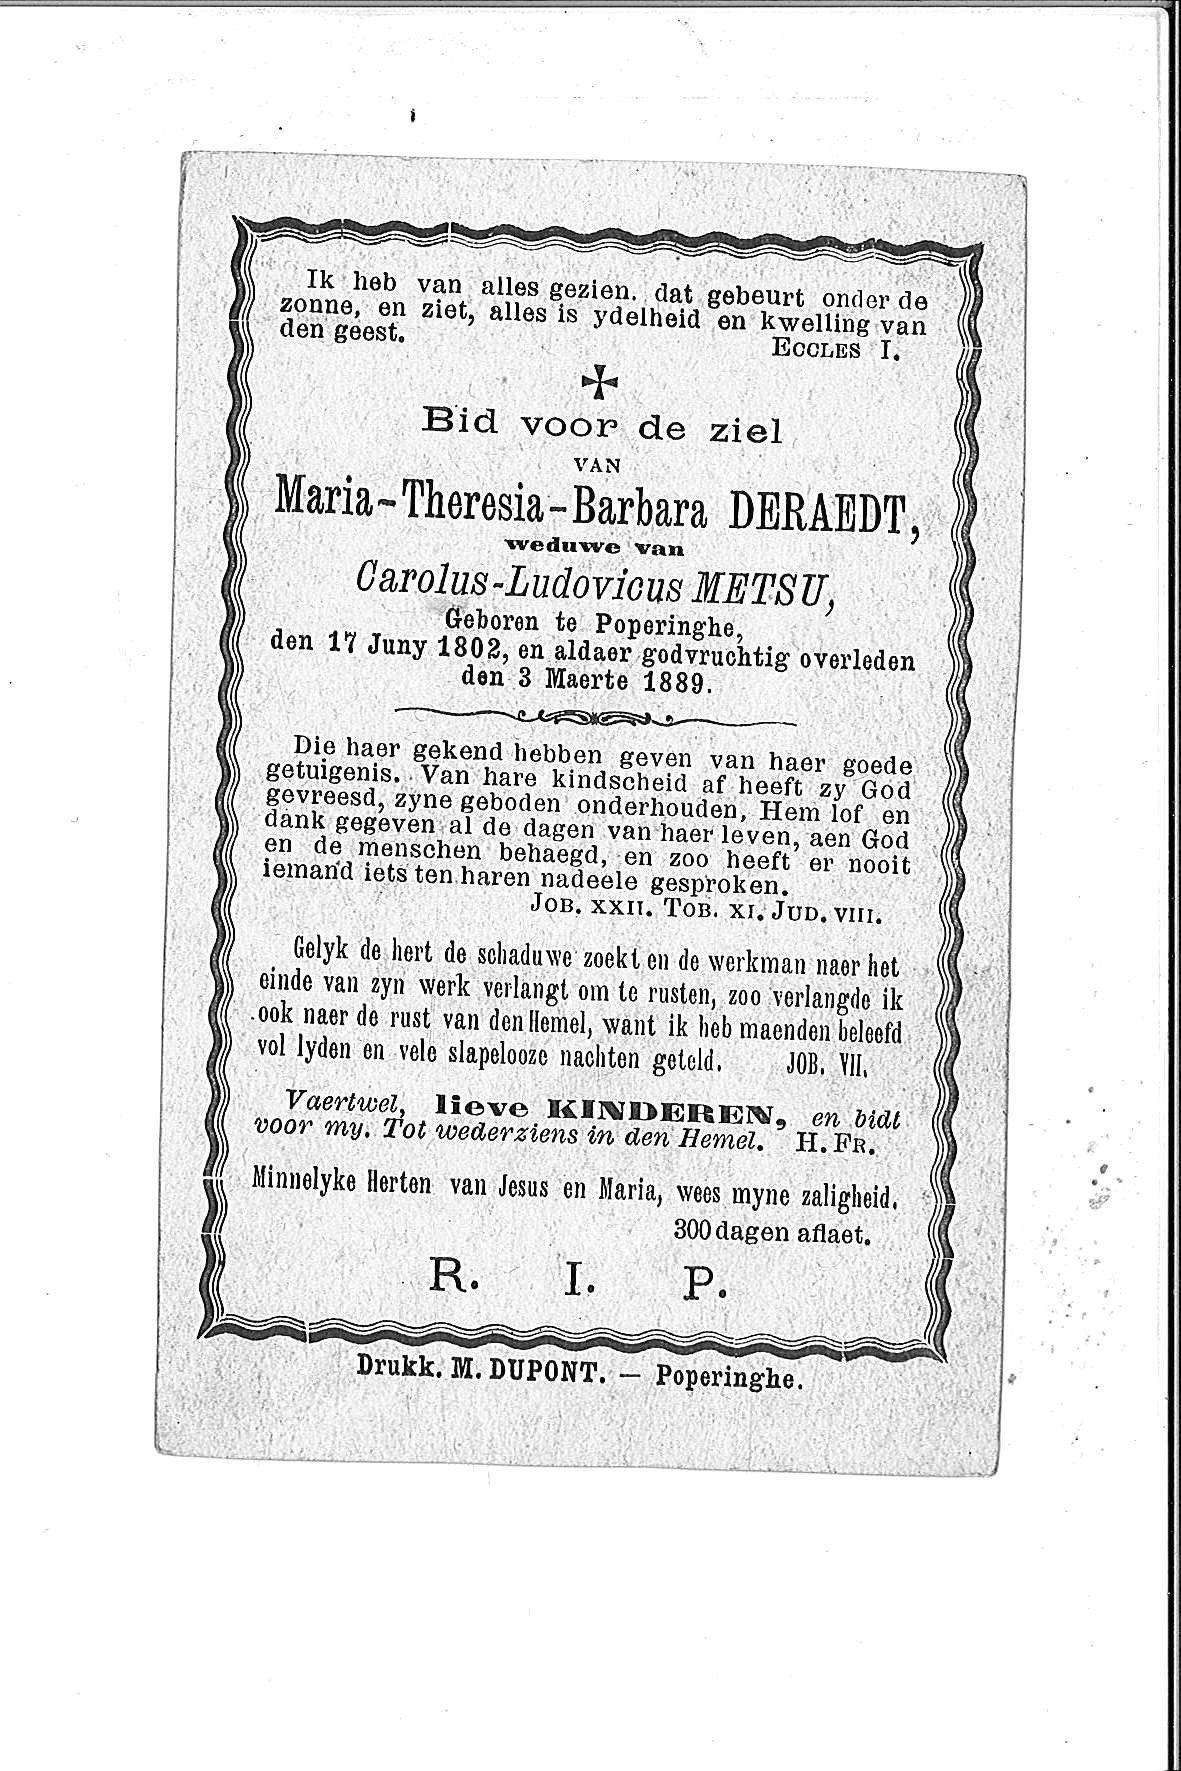 Maria-Theresia-Barbara(1889)20150420110615_00023.jpg